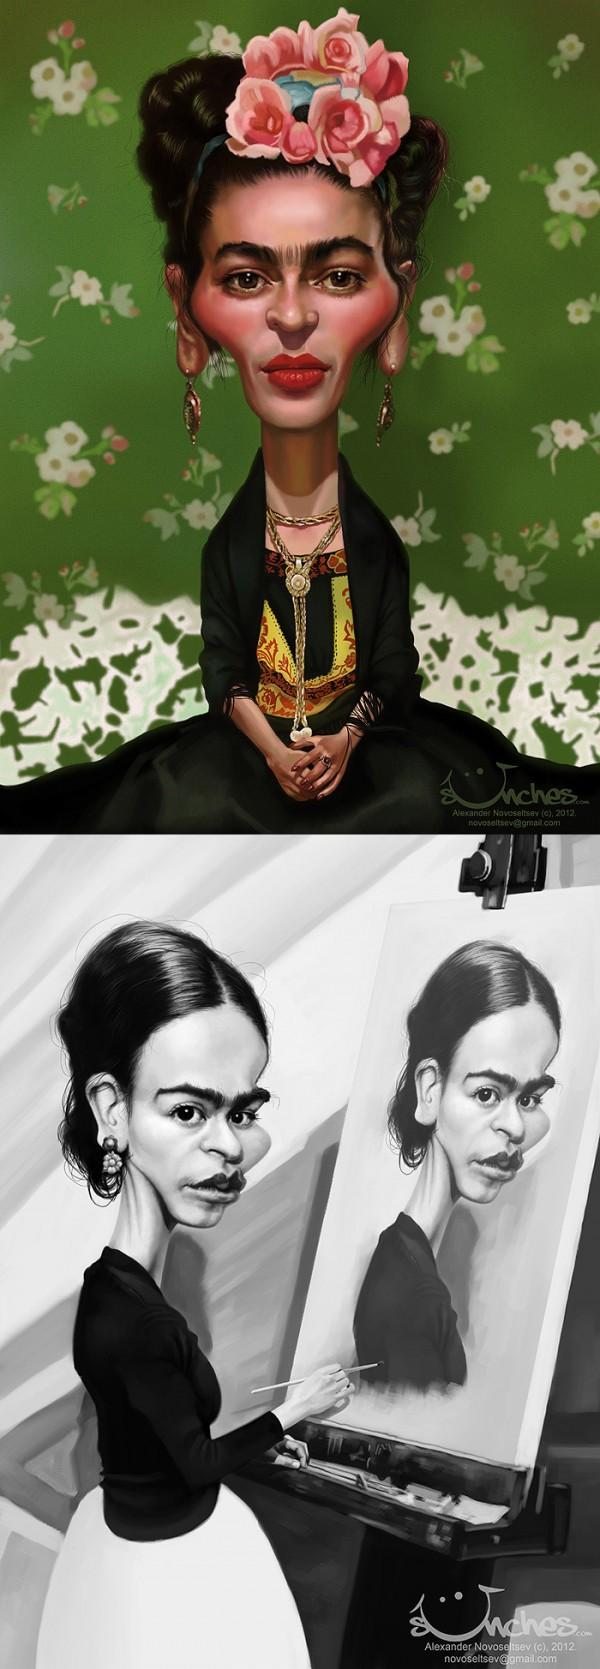 Caricaturas de Frida Kahlo